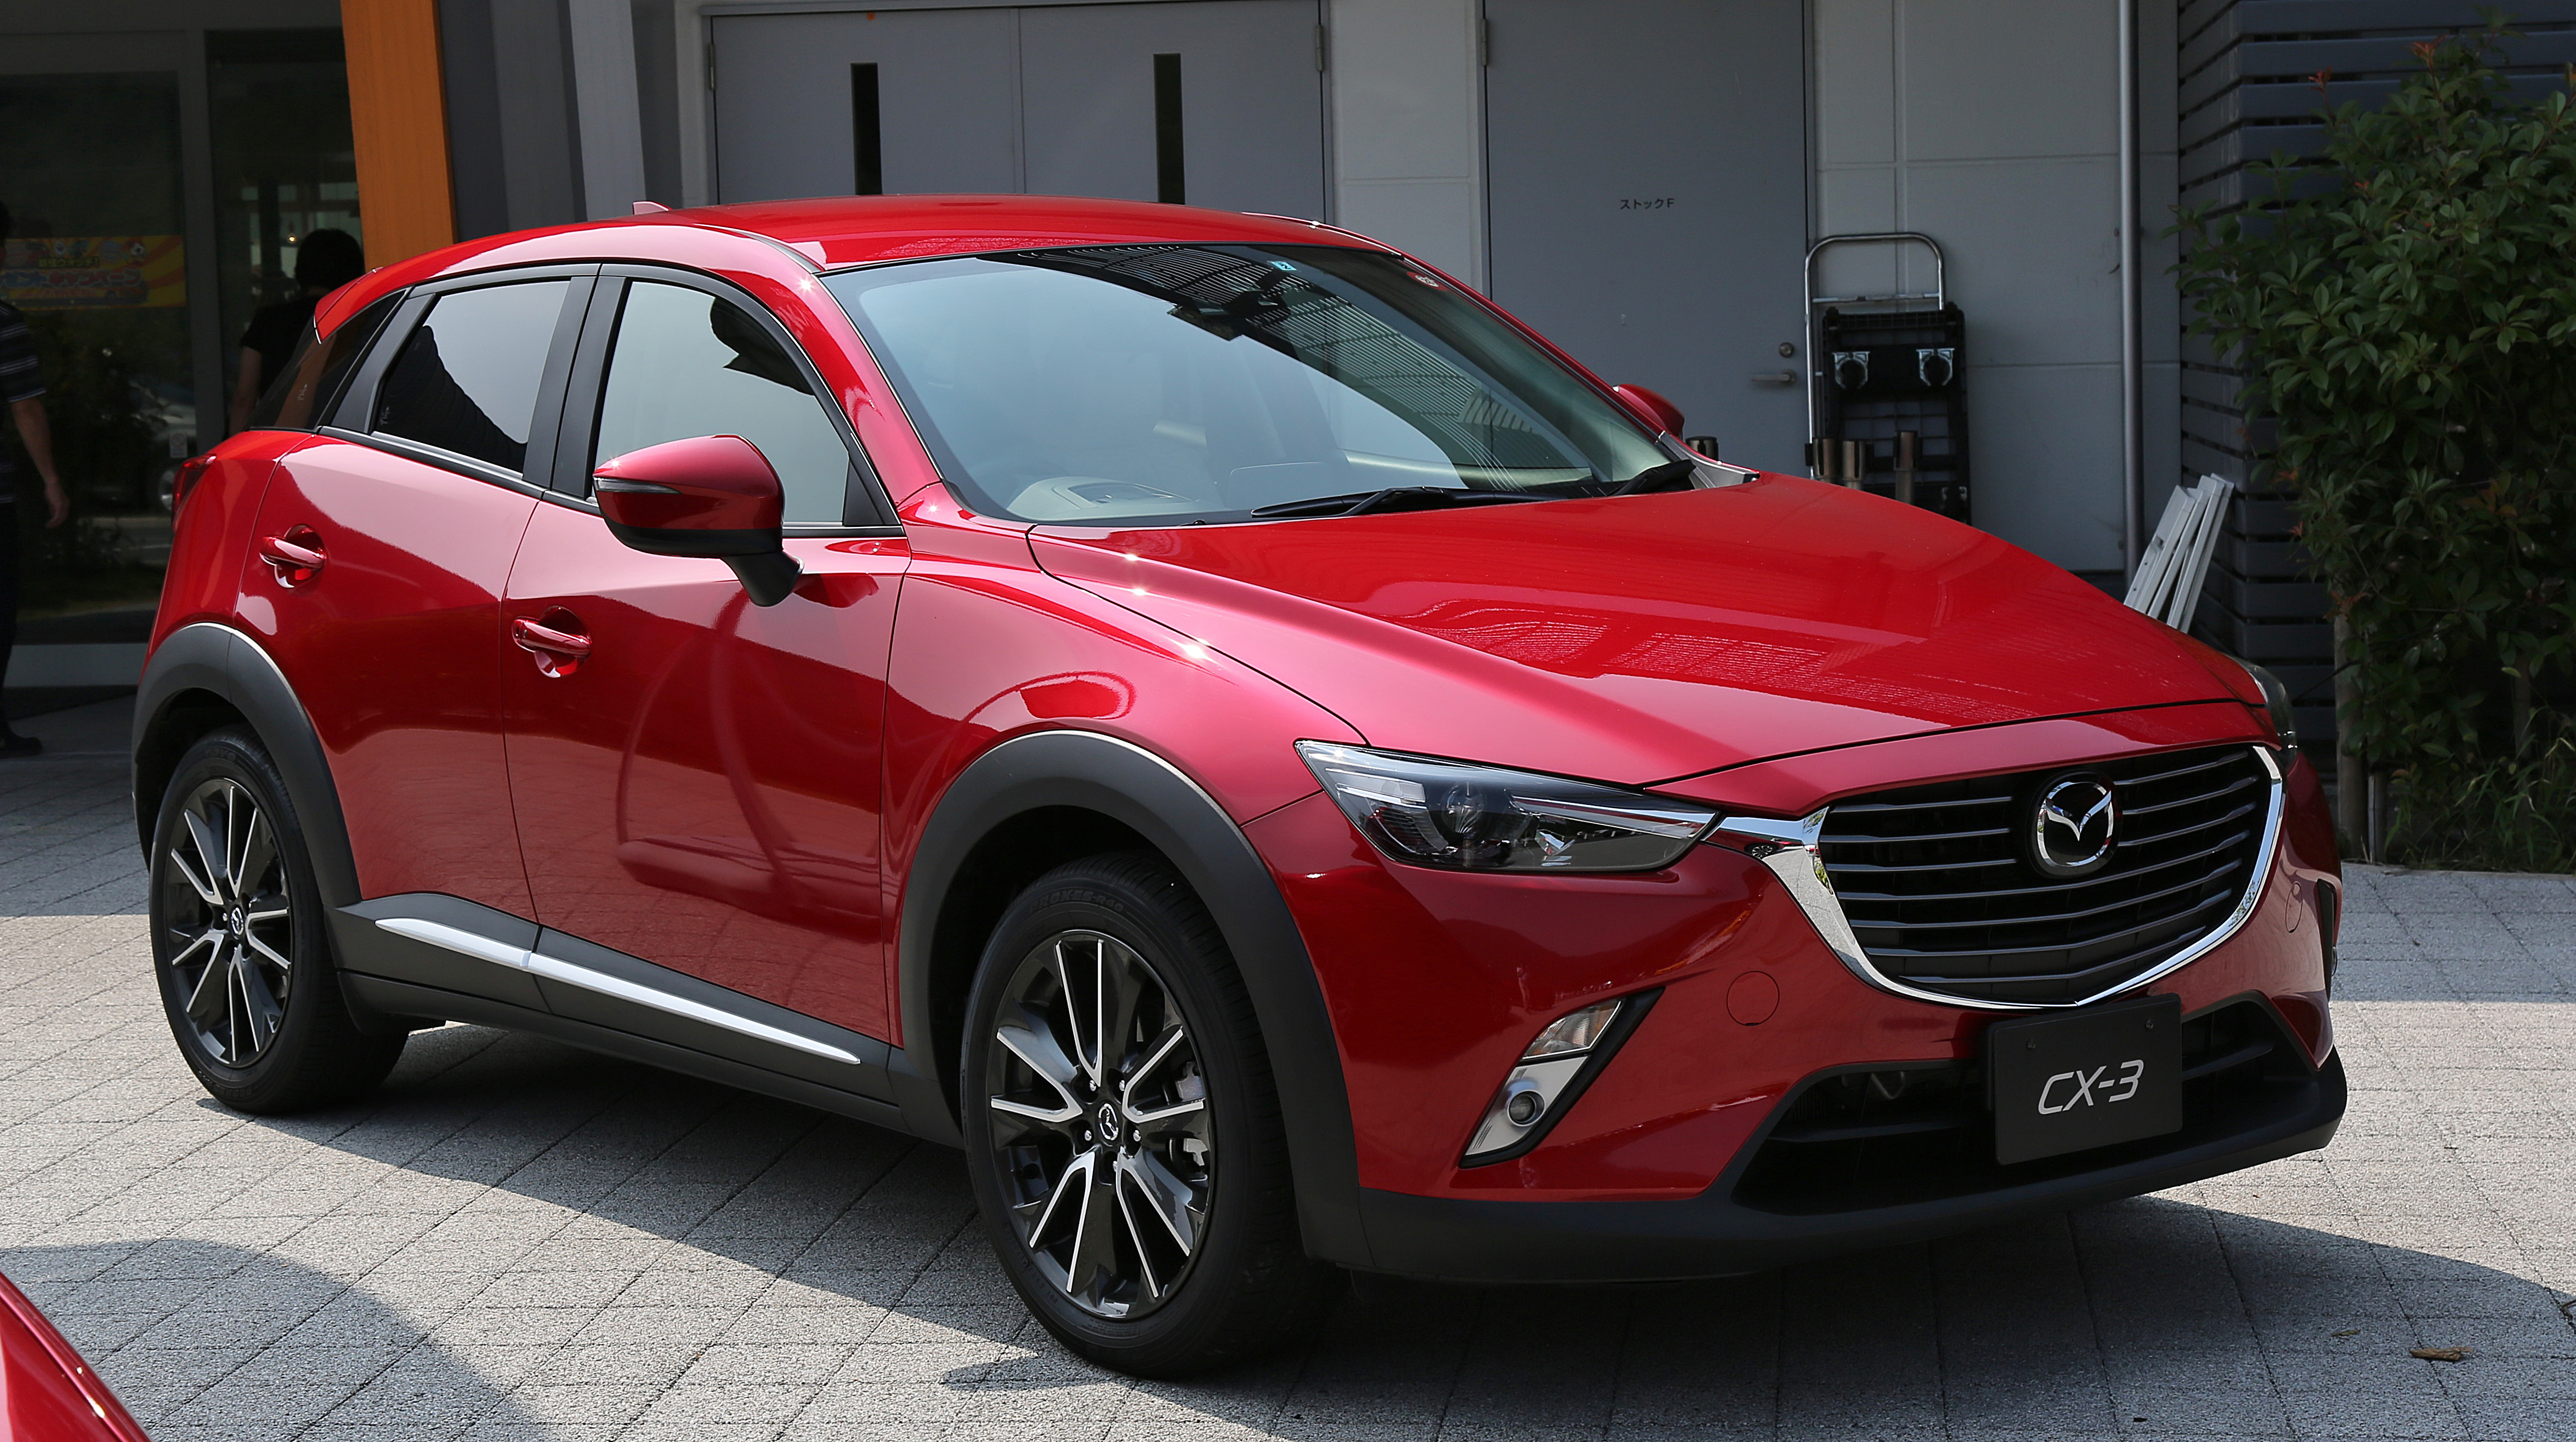 Kelebihan Kekurangan Mazda Cx2 Spesifikasi